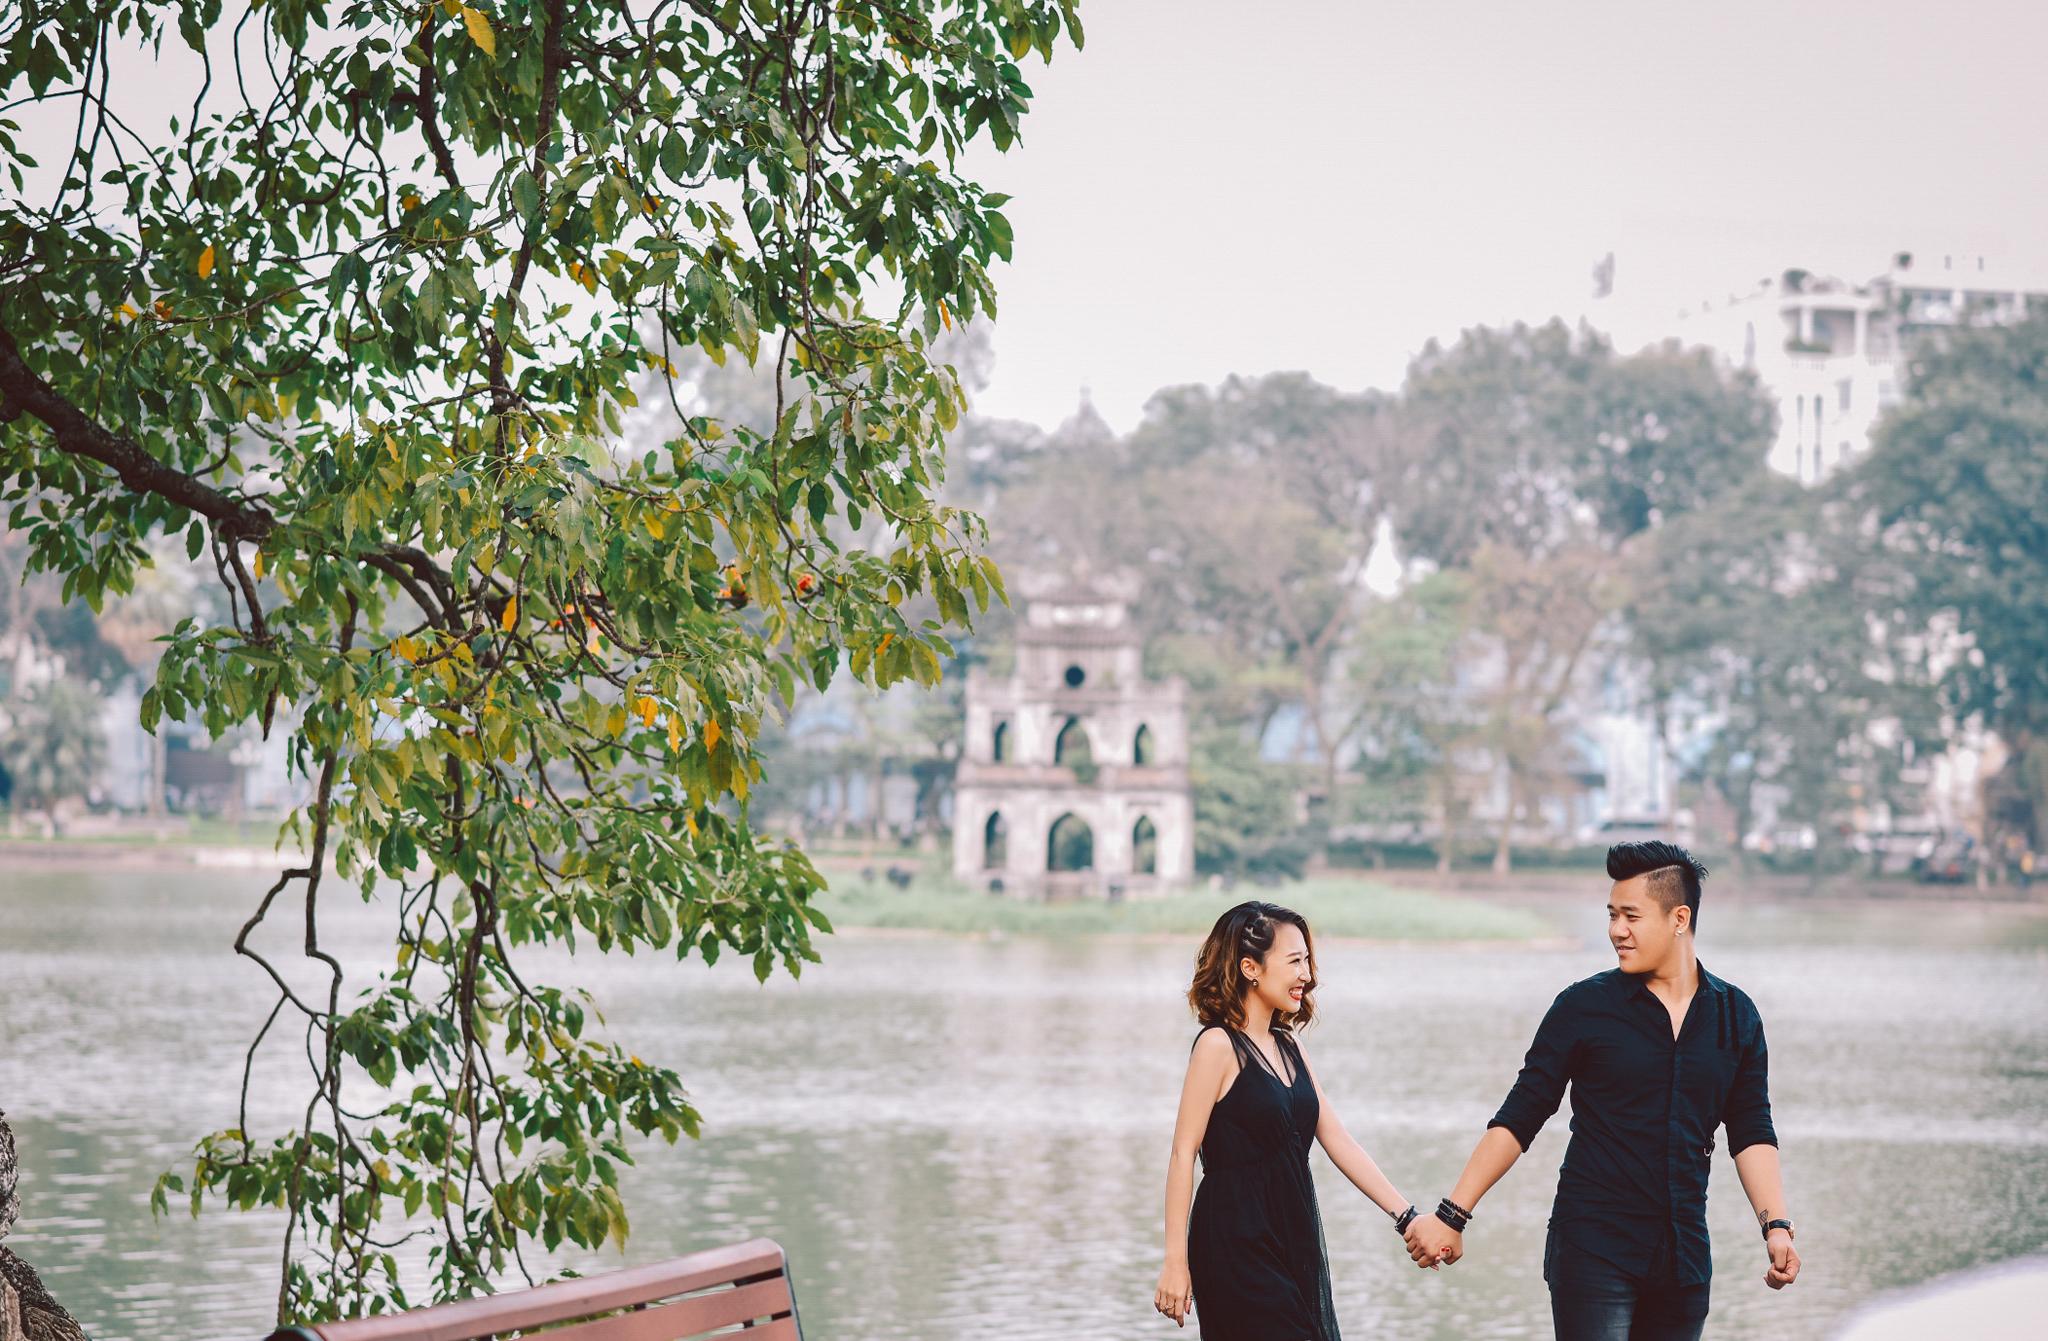 Bộ ảnh cưới Nắm tay nhau đi khắp Bắc - Trung - Nam chú rể nhiếp